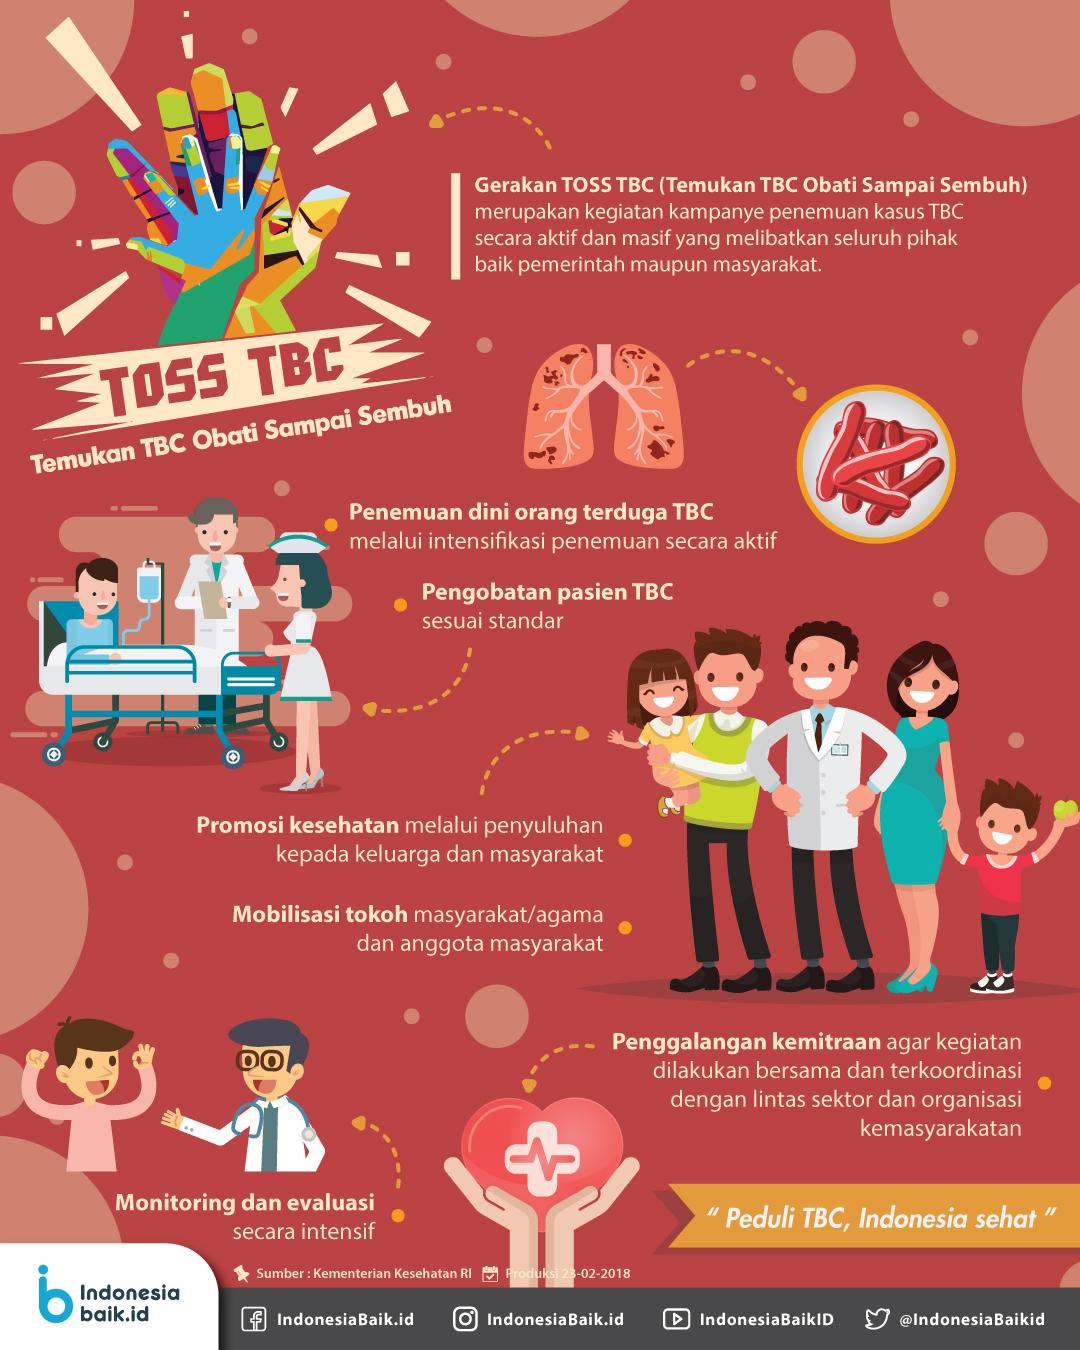 TOSS TBC: Temukan TBC Obati Sampai Sembuh